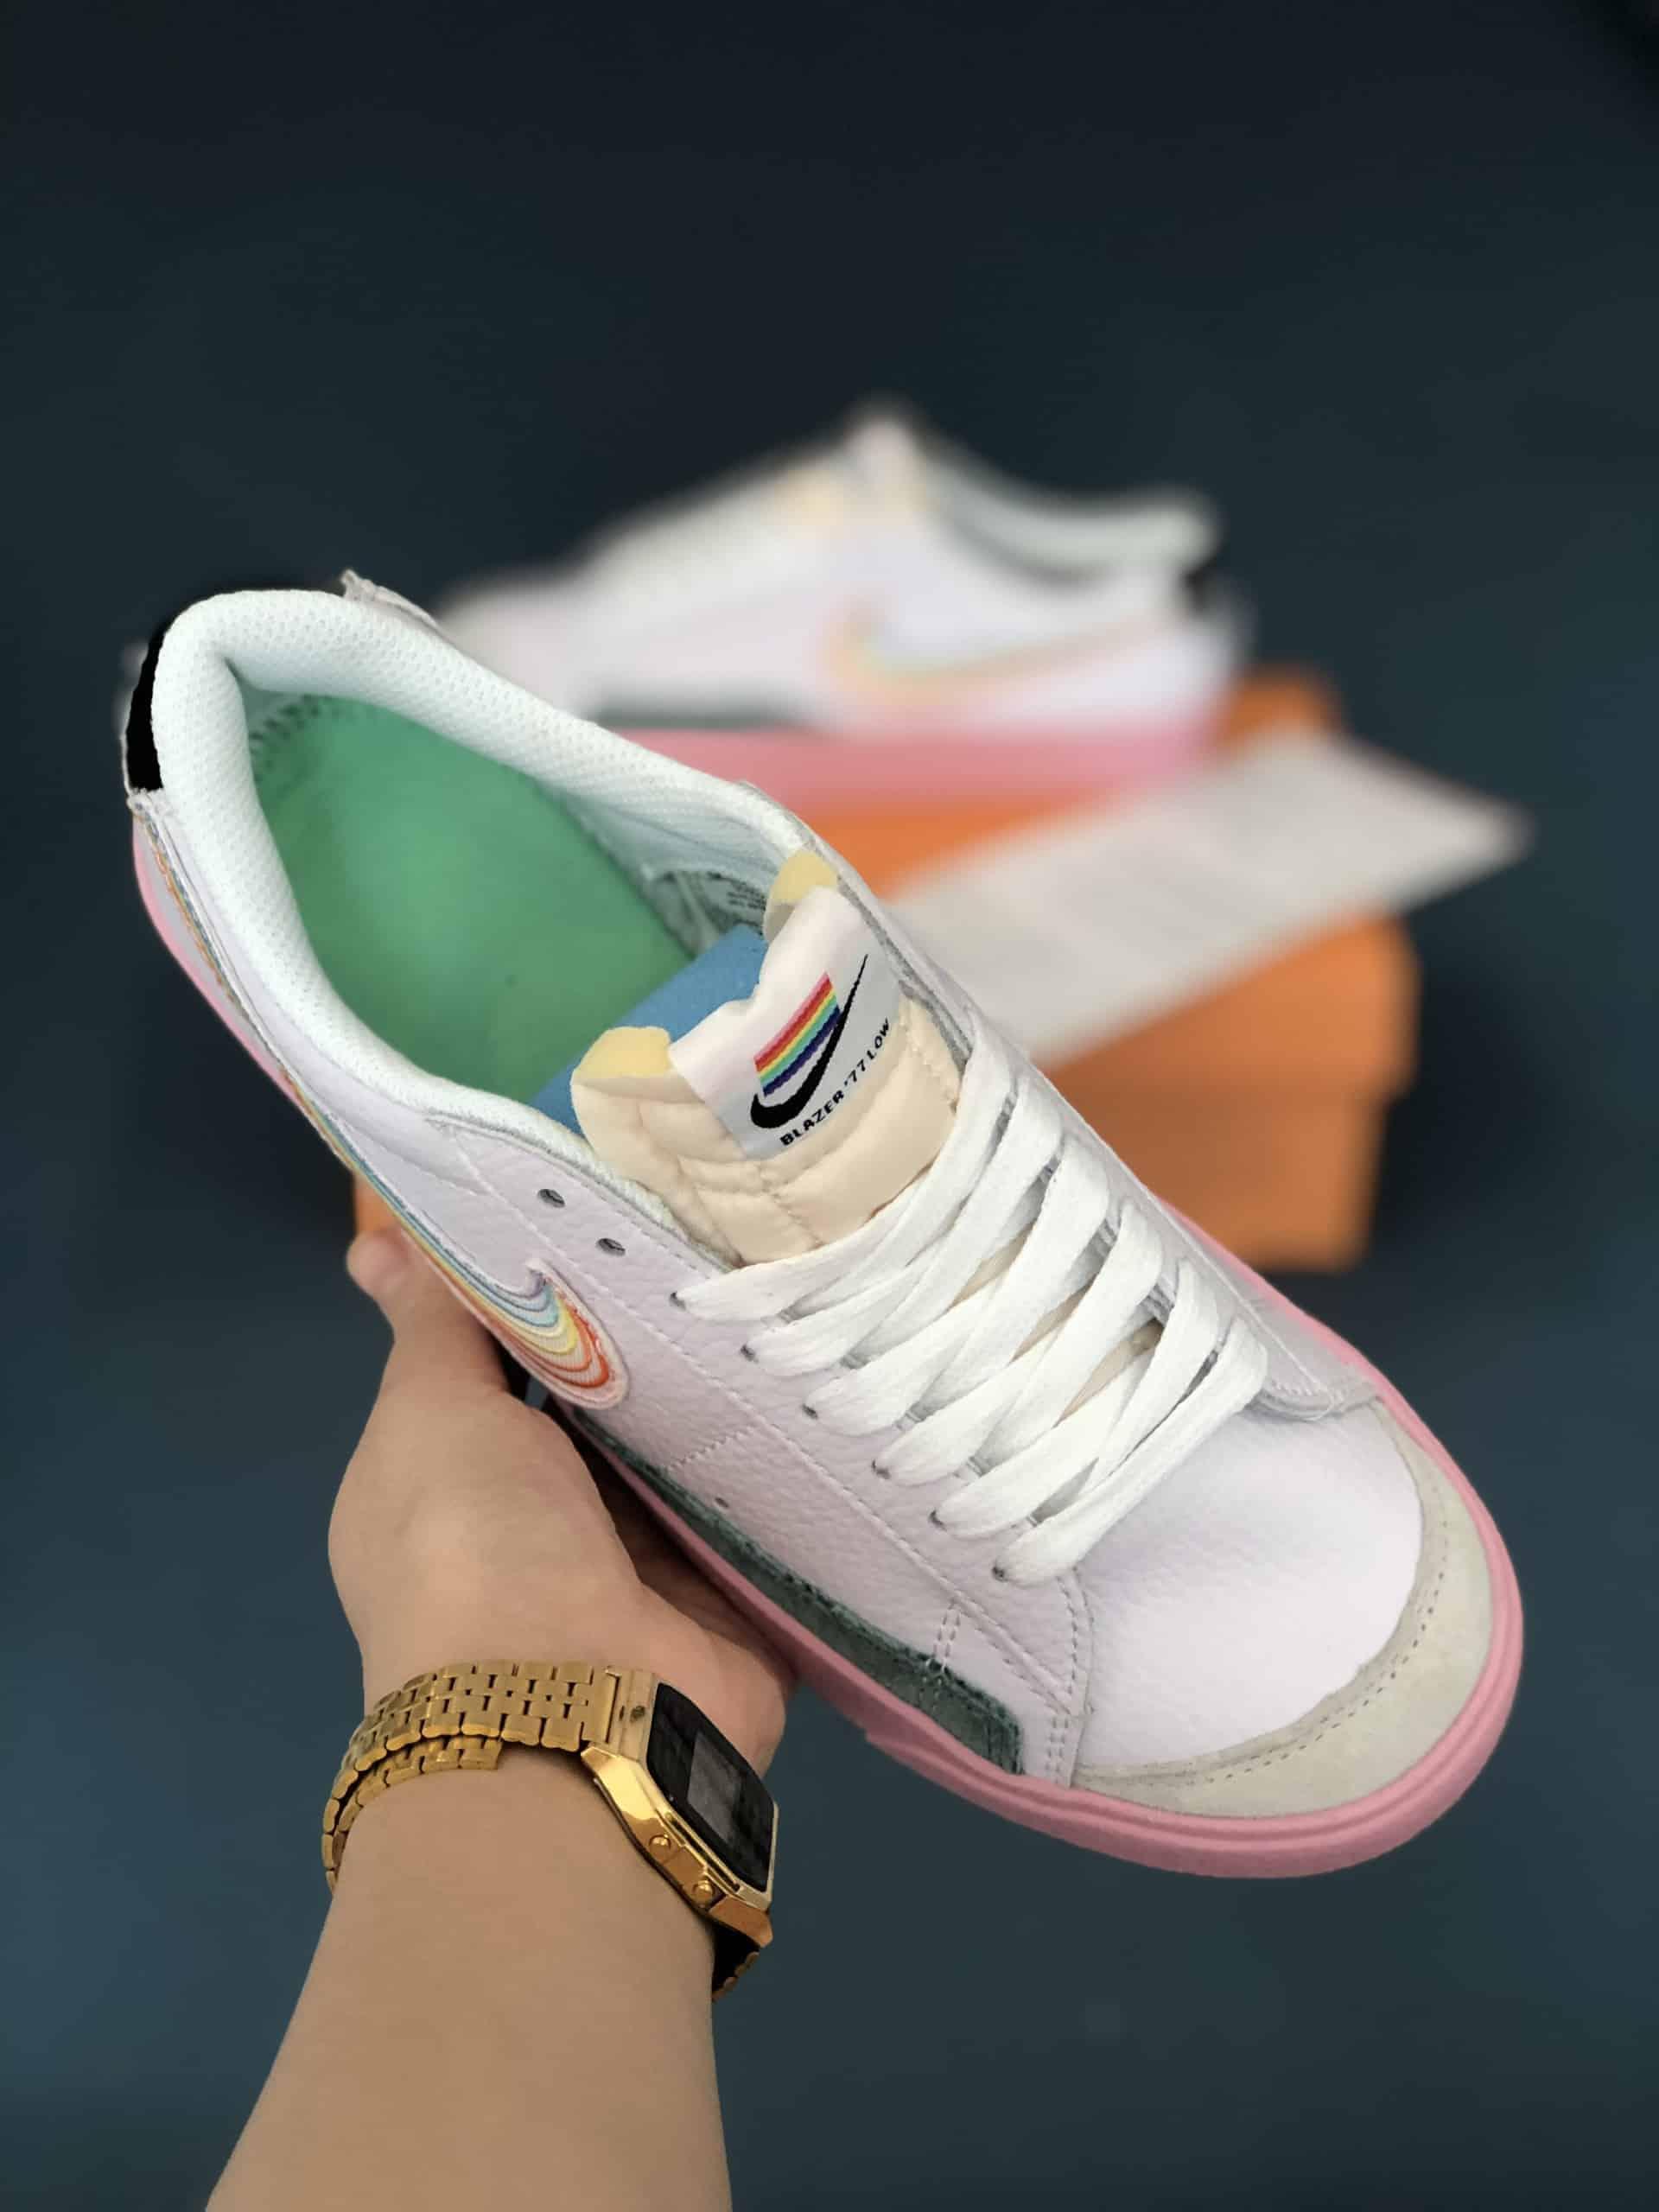 Nike Blazer Low 77 Hồng Rep 1:1 có thiết kế thời thượng